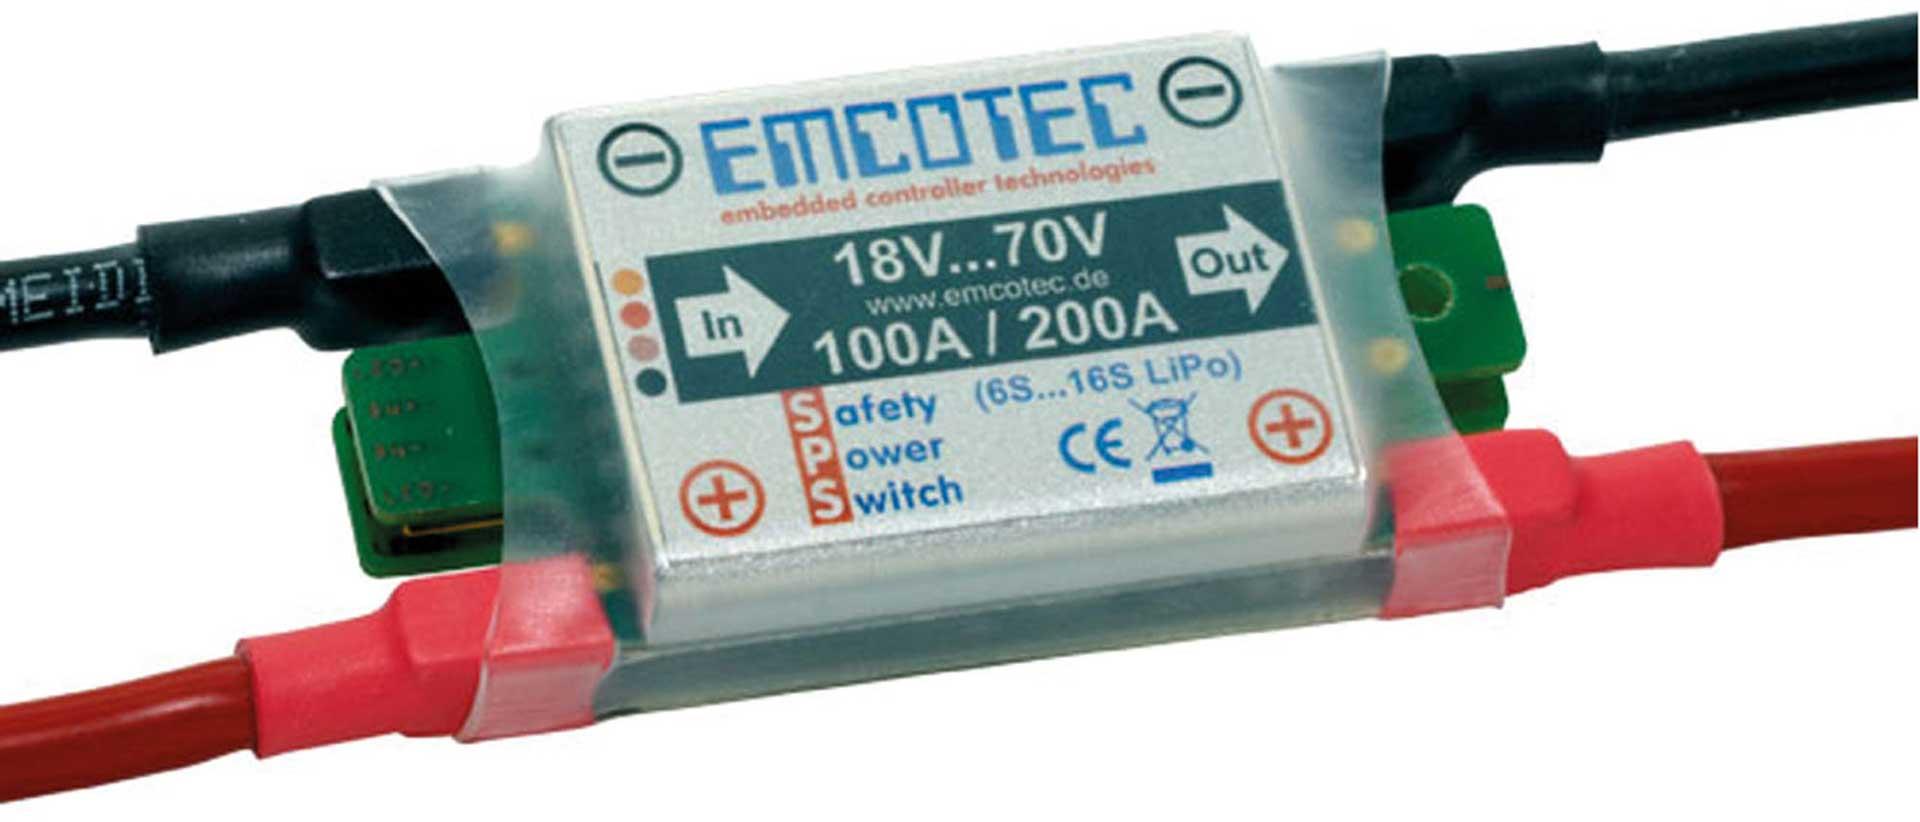 EMCOTEC SPS-Sicherheitsleistungsschalter 70V 100/200A A72011-1